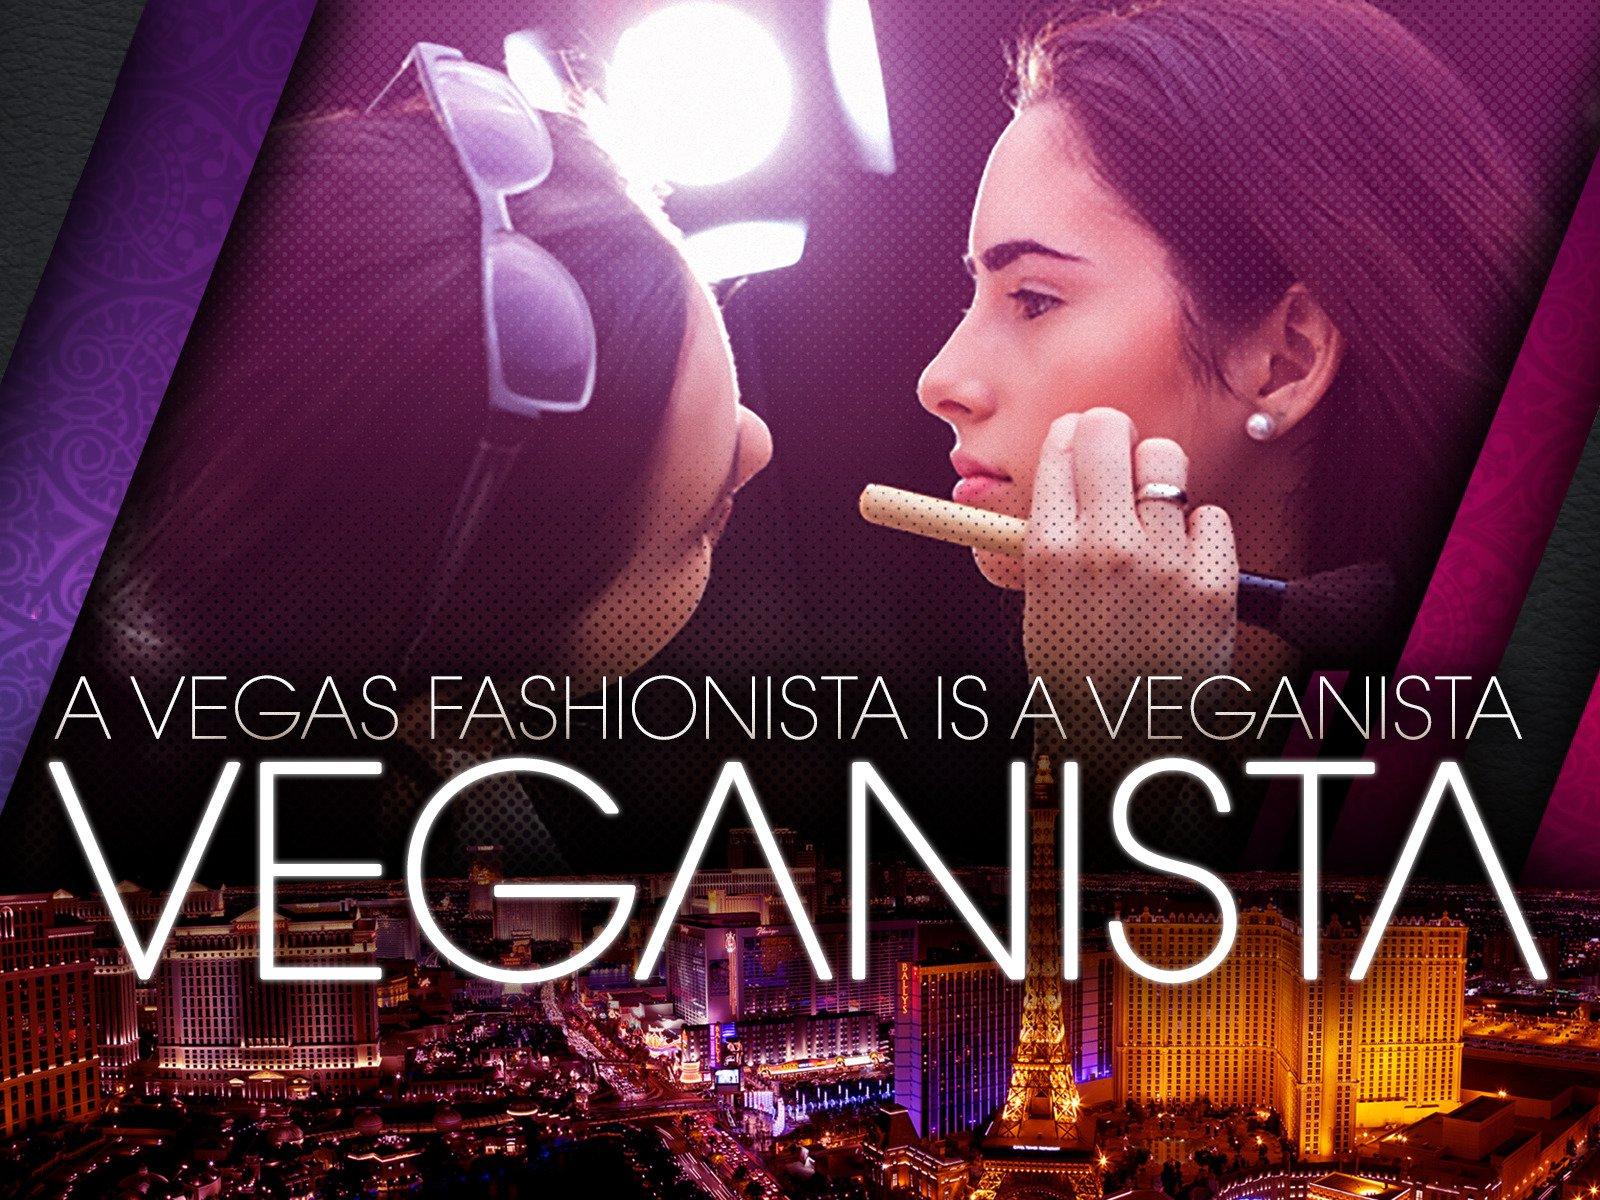 Veganista - Season 1